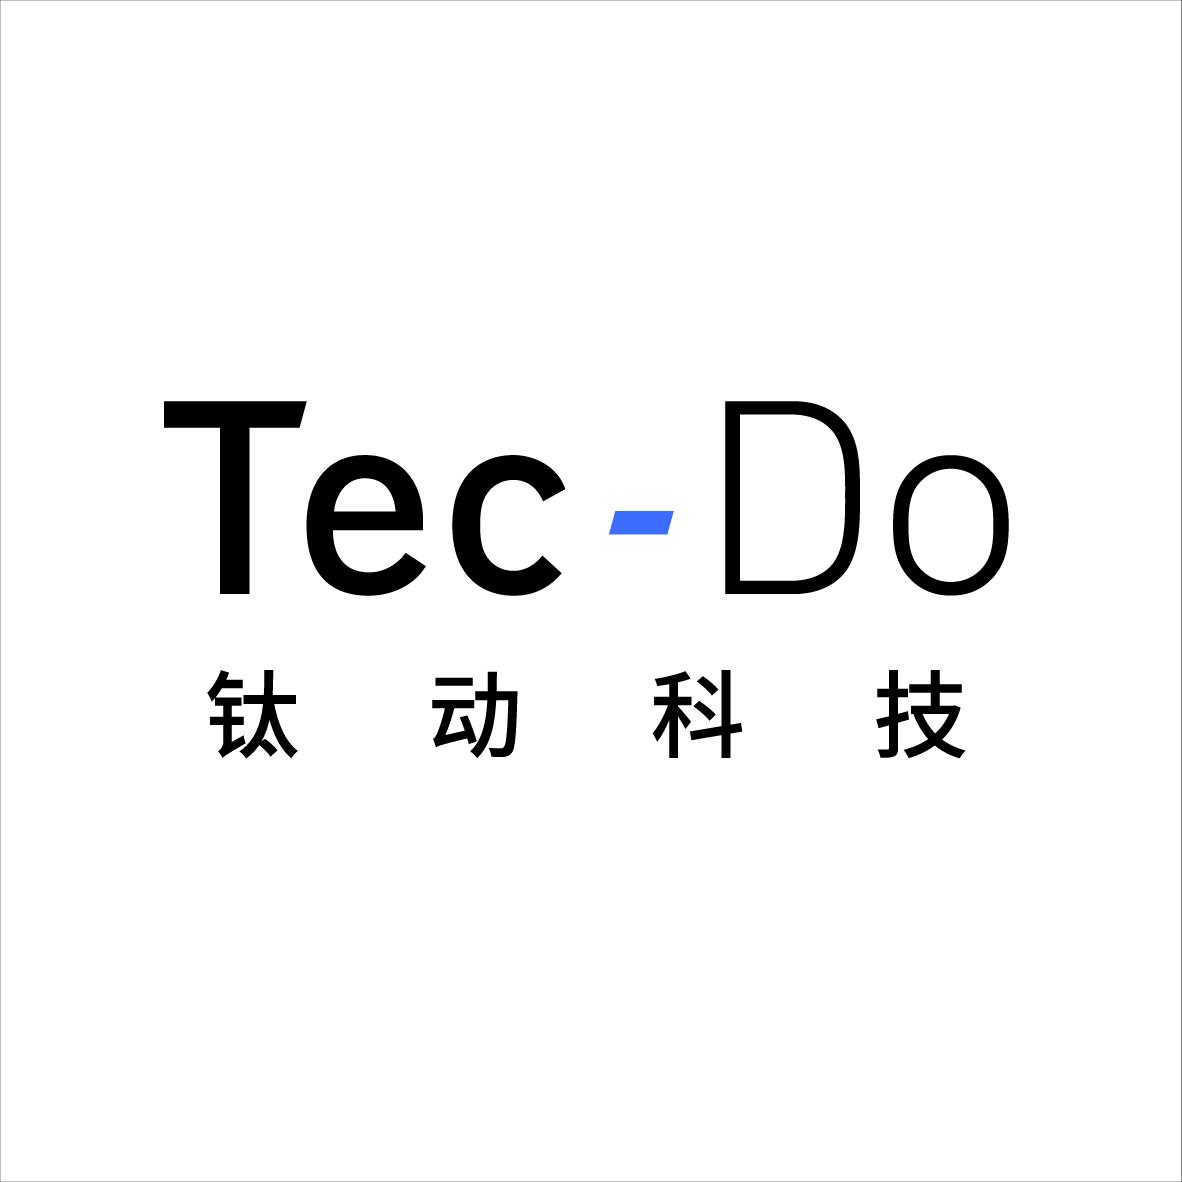 广州钛动科技有限公司